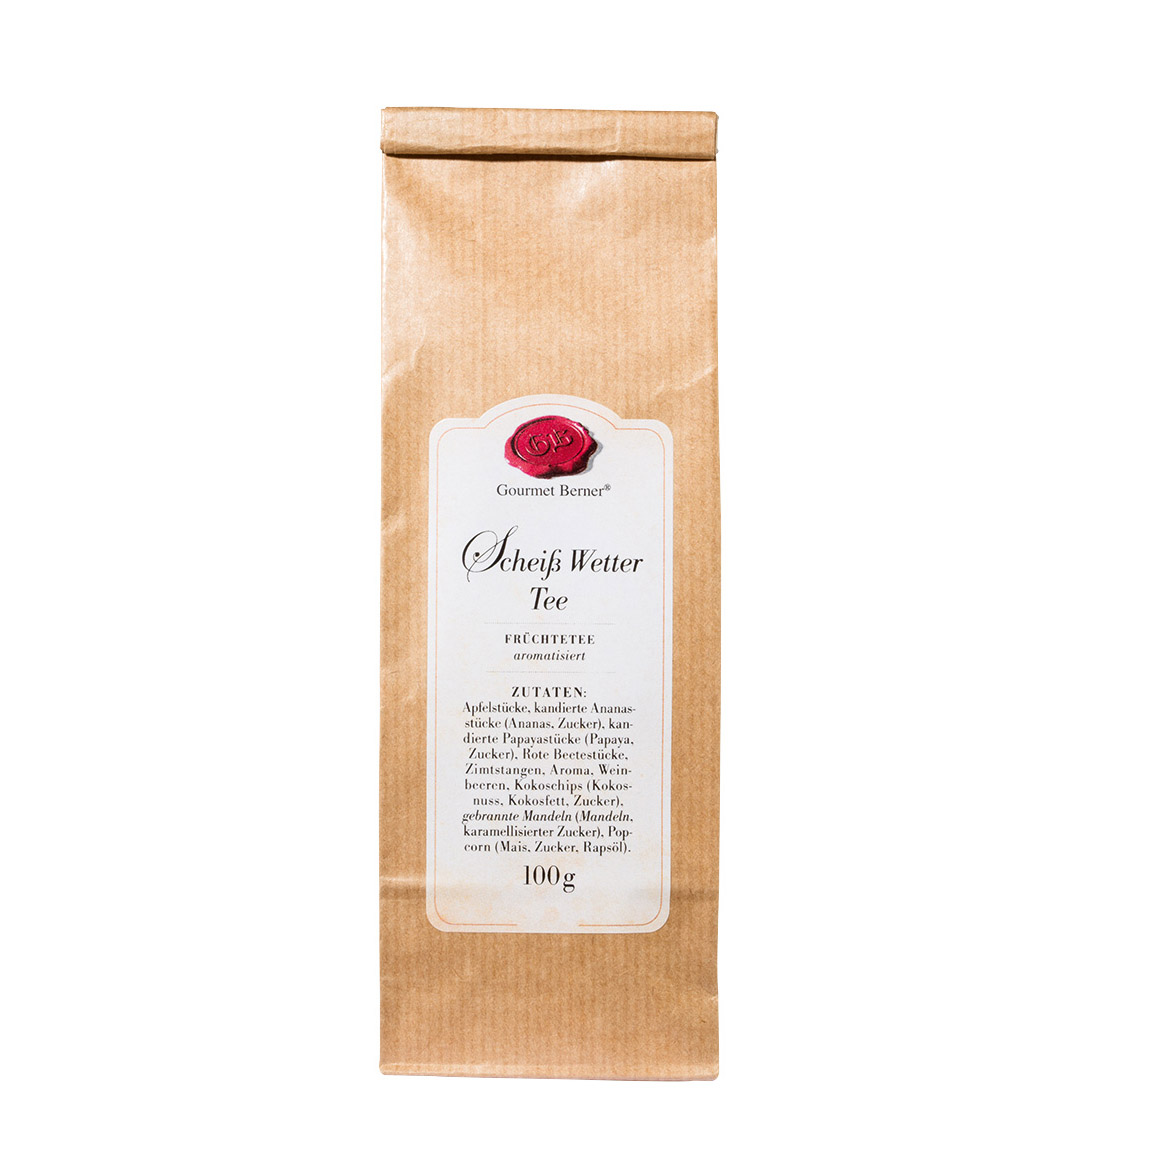 Scheiß Wetter Tee- Früchtetee im 100g Beutel - Gourmet Berner